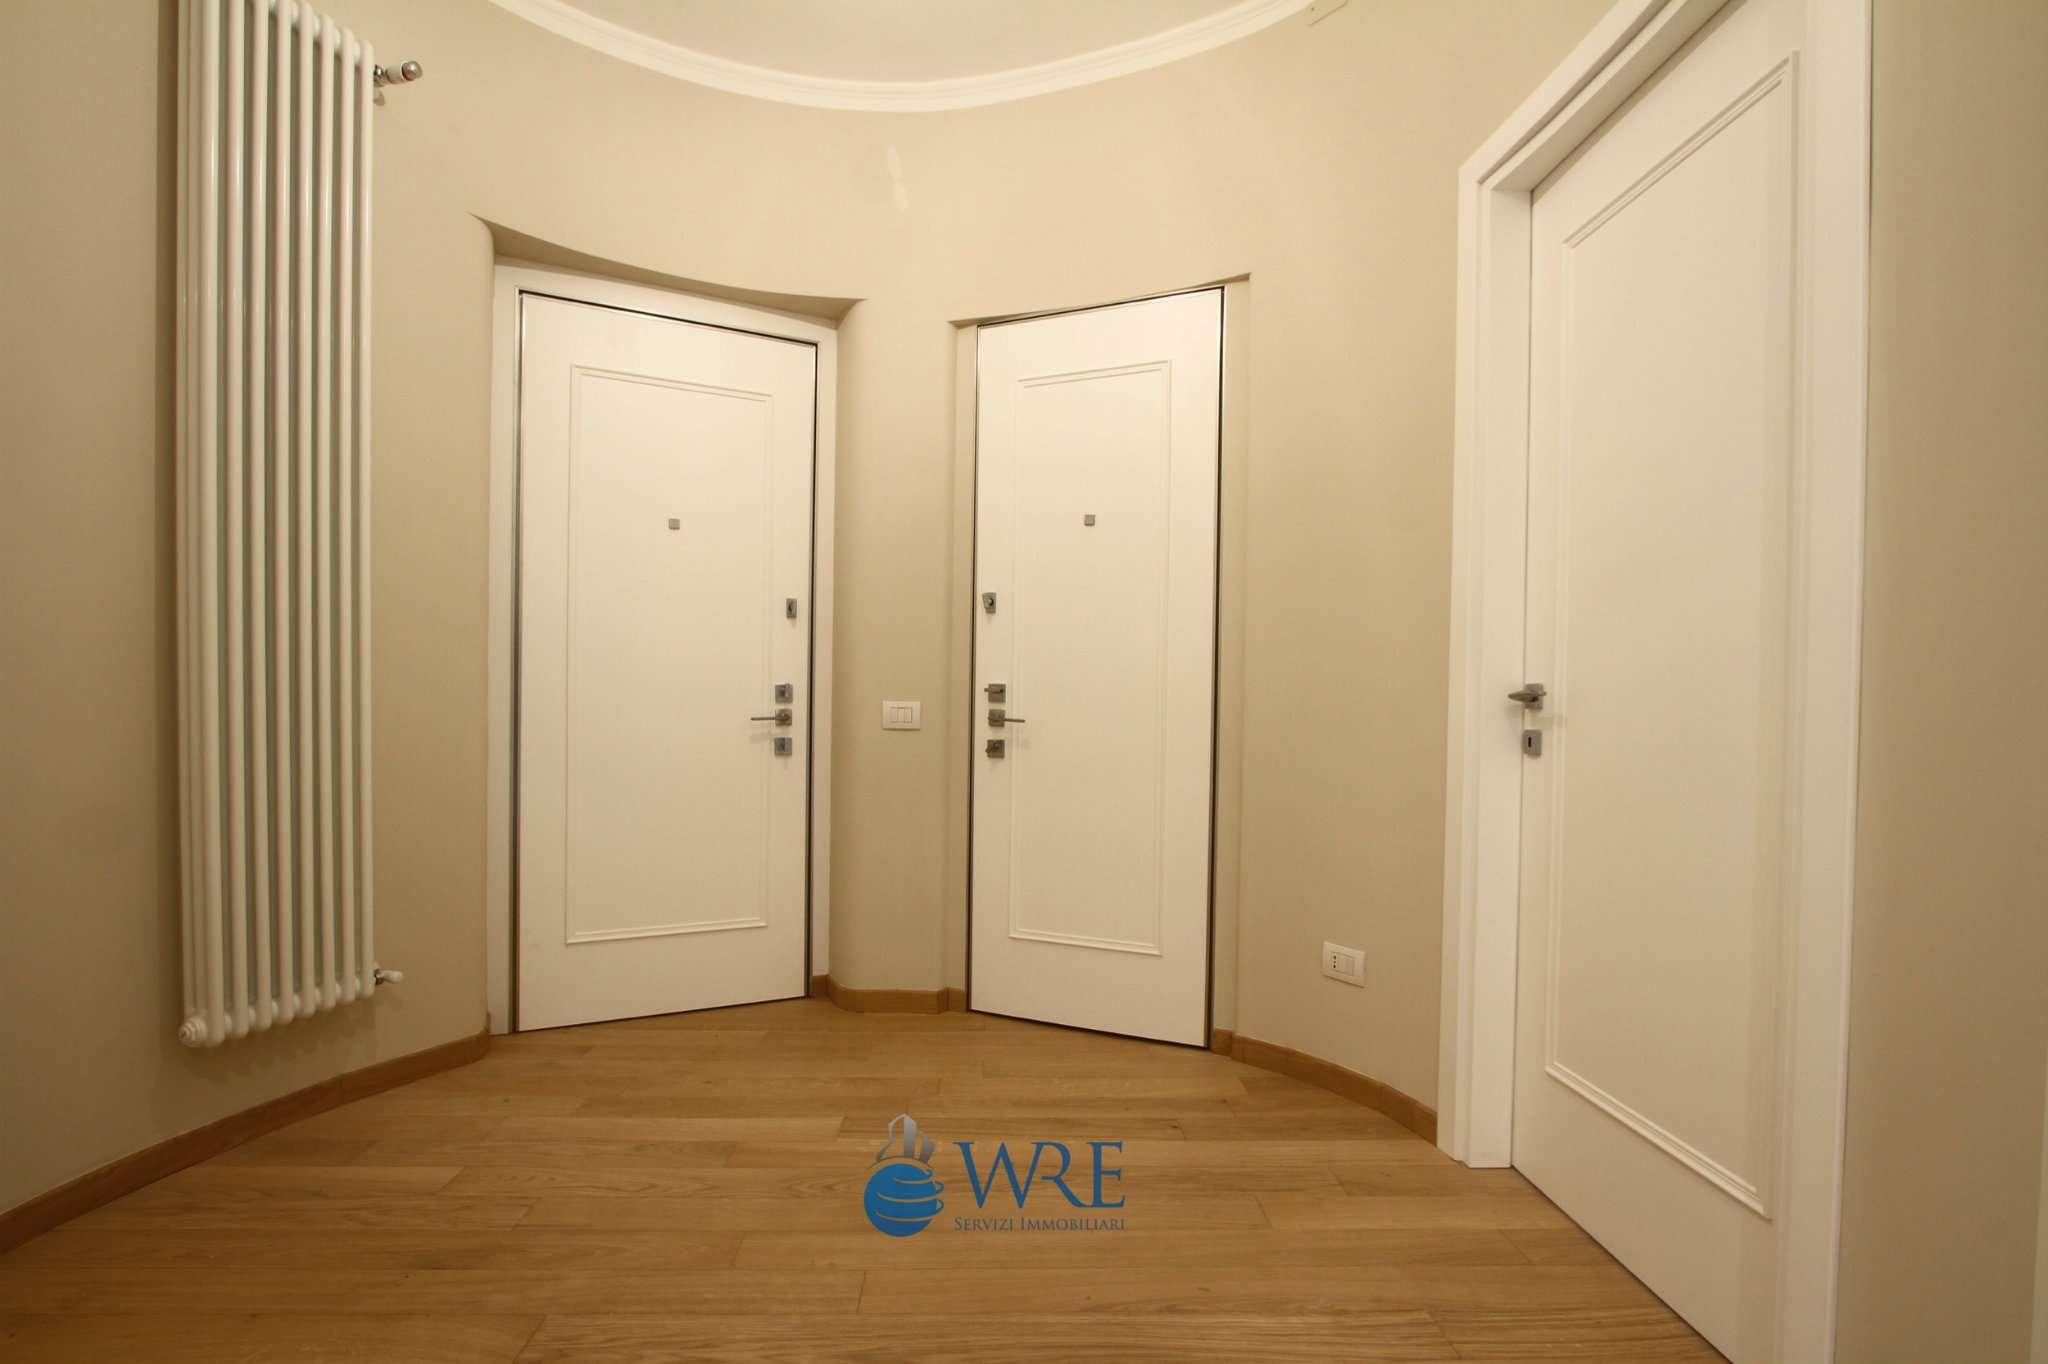 Appartamento in Affitto a Roma 02 Parioli / Pinciano / Flaminio: 4 locali, 140 mq